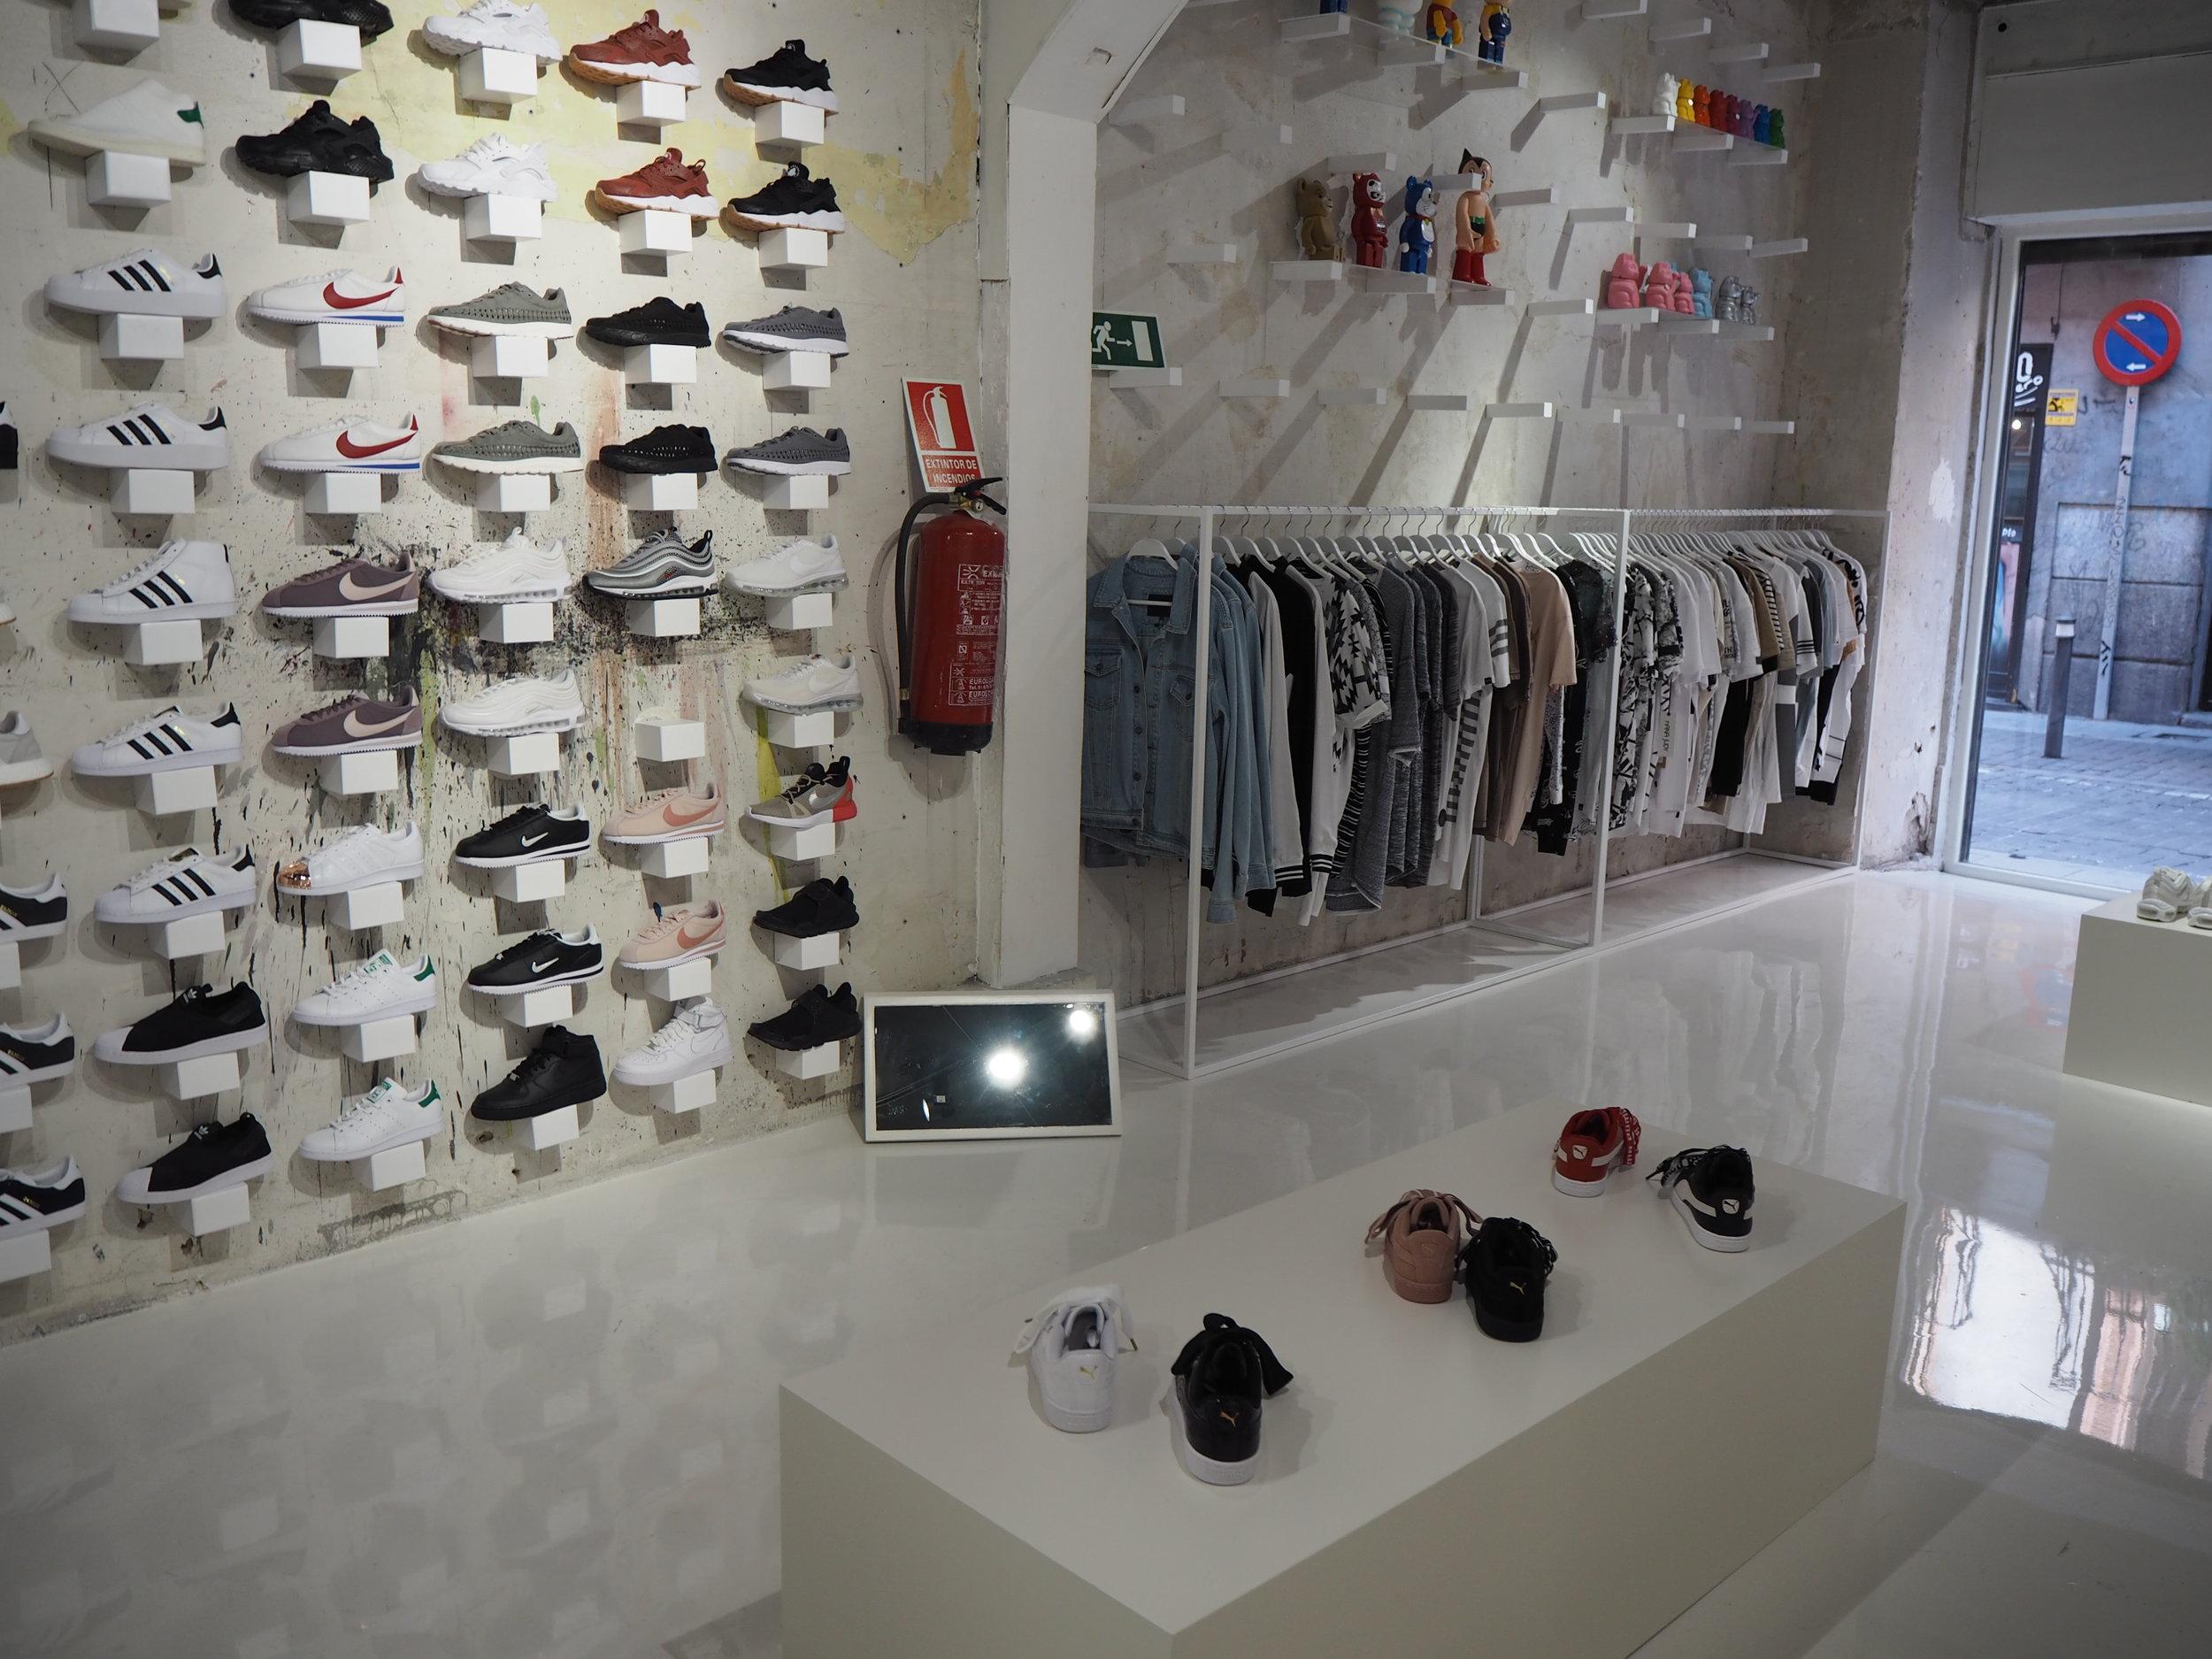 tiendas-ropa-madrid-originales-zapatillas.JPG